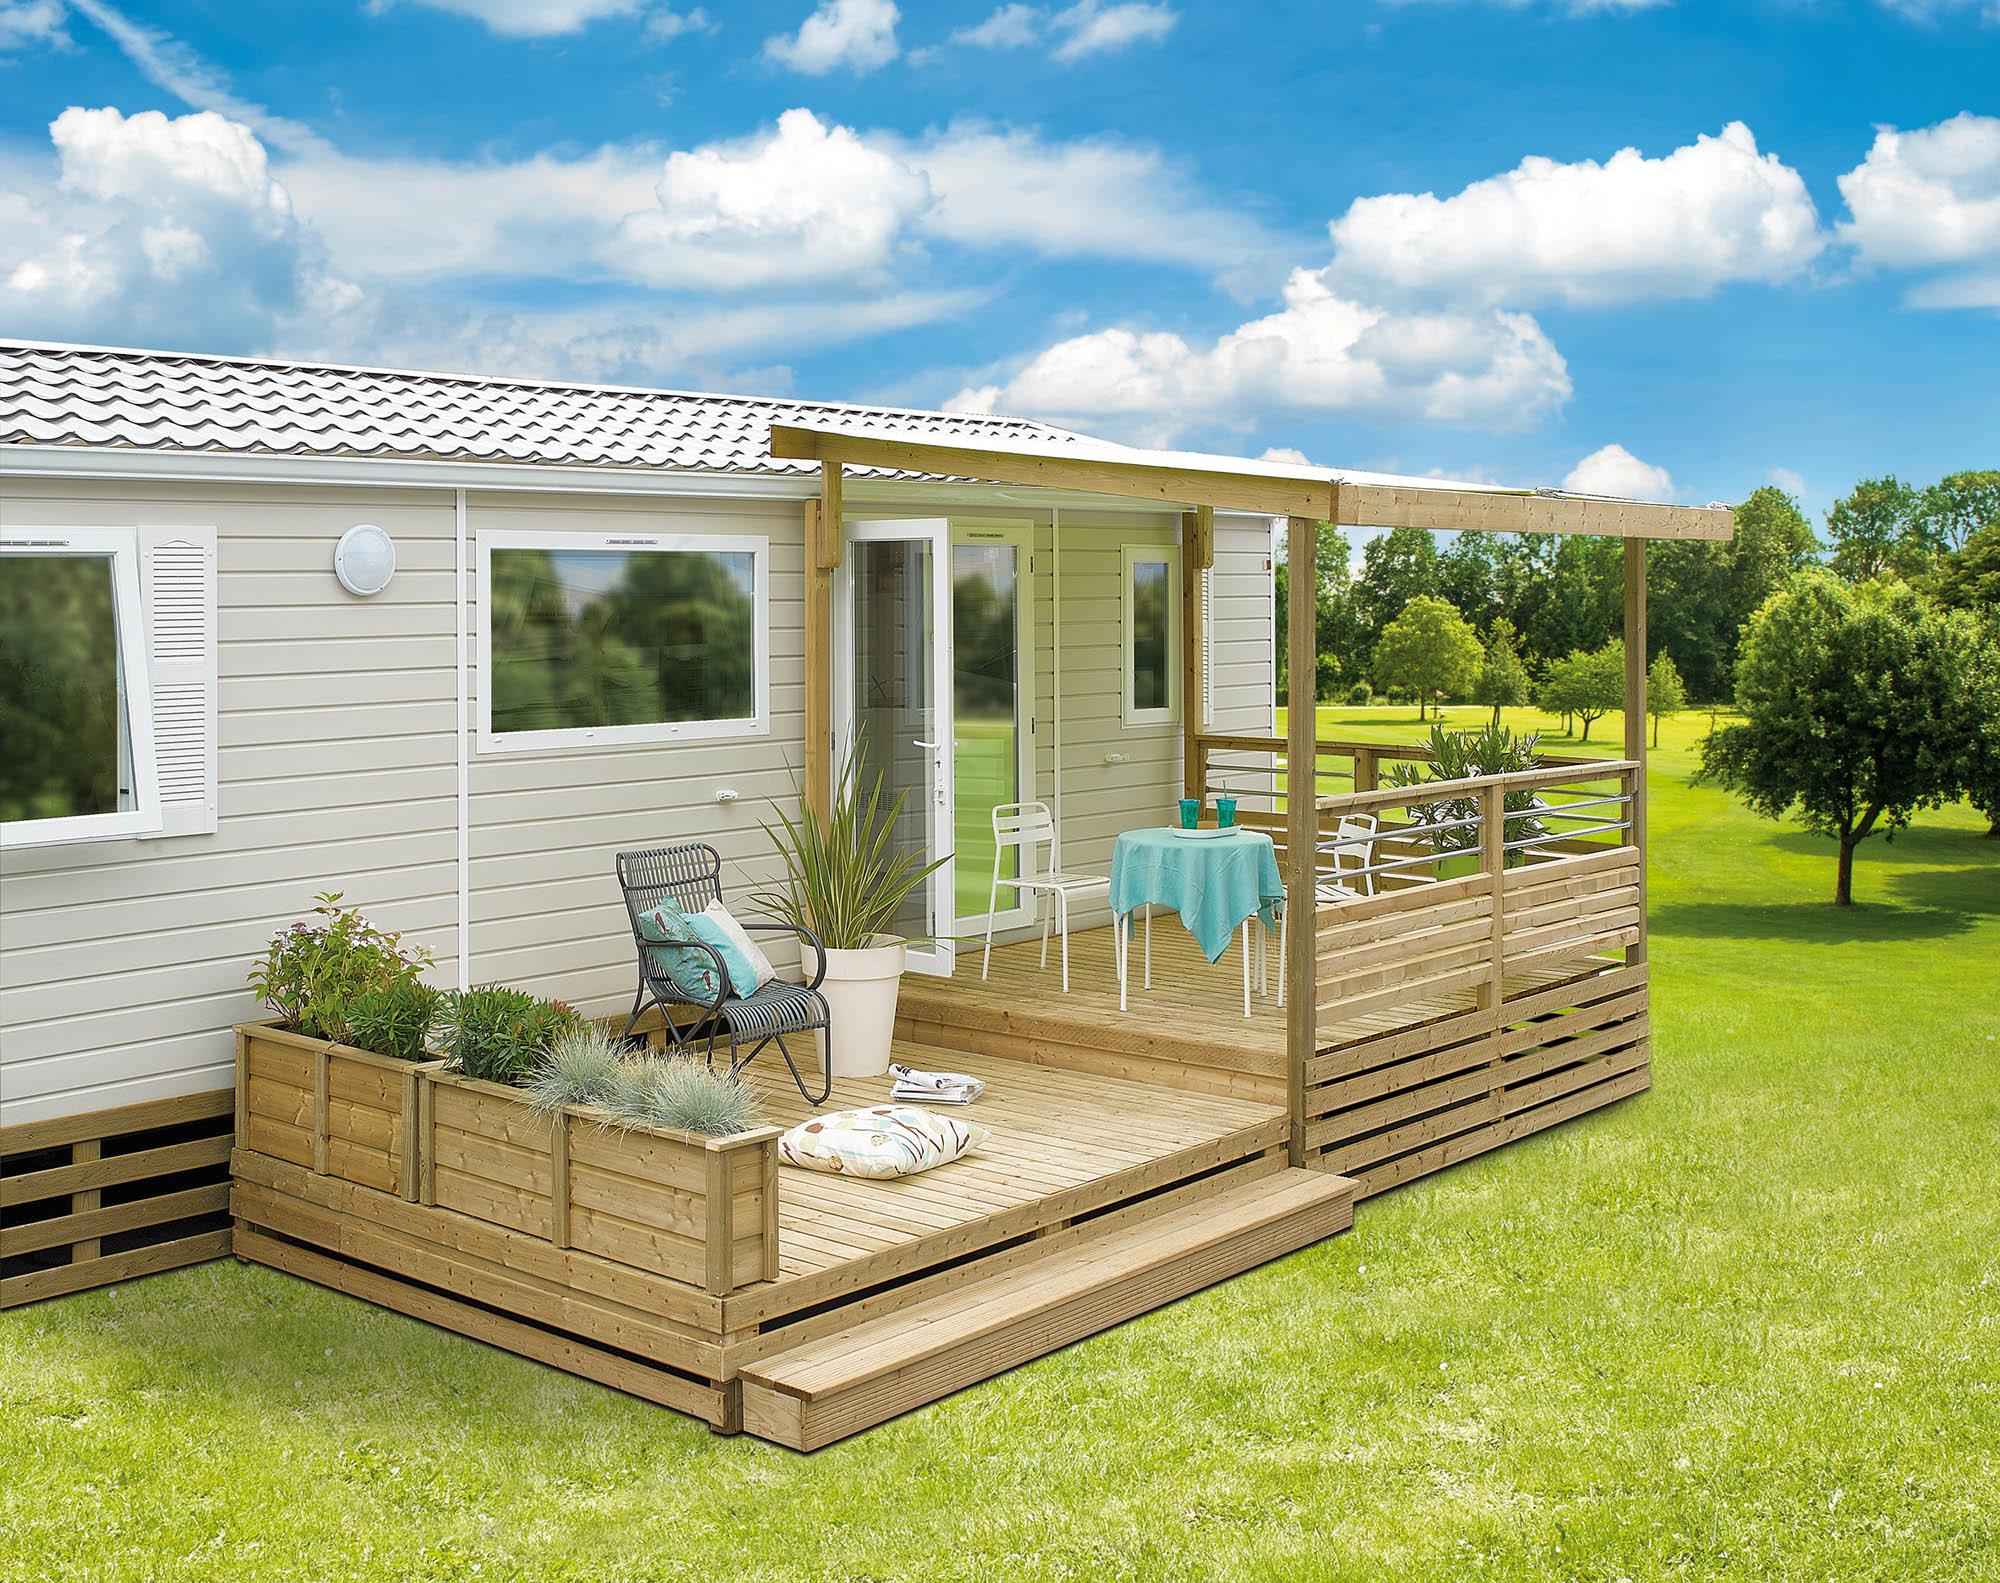 La terrasse mobil home en bois et de fabrication Française - Conseils pratiques Terrasses Mobilhome